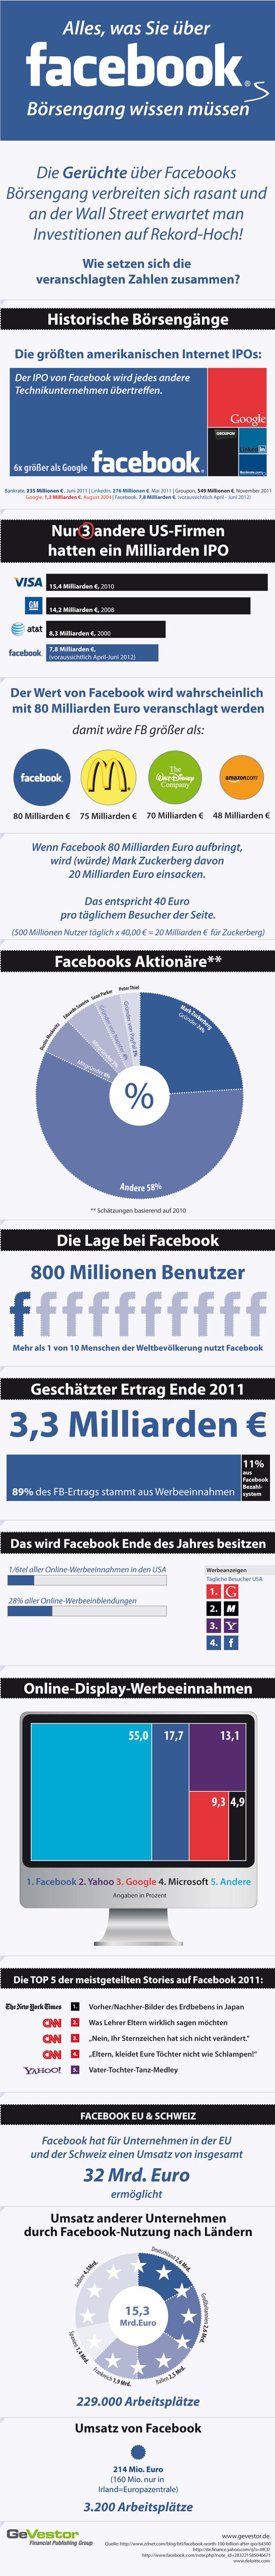 Infografik zum Thema - Facebooks Börsengang